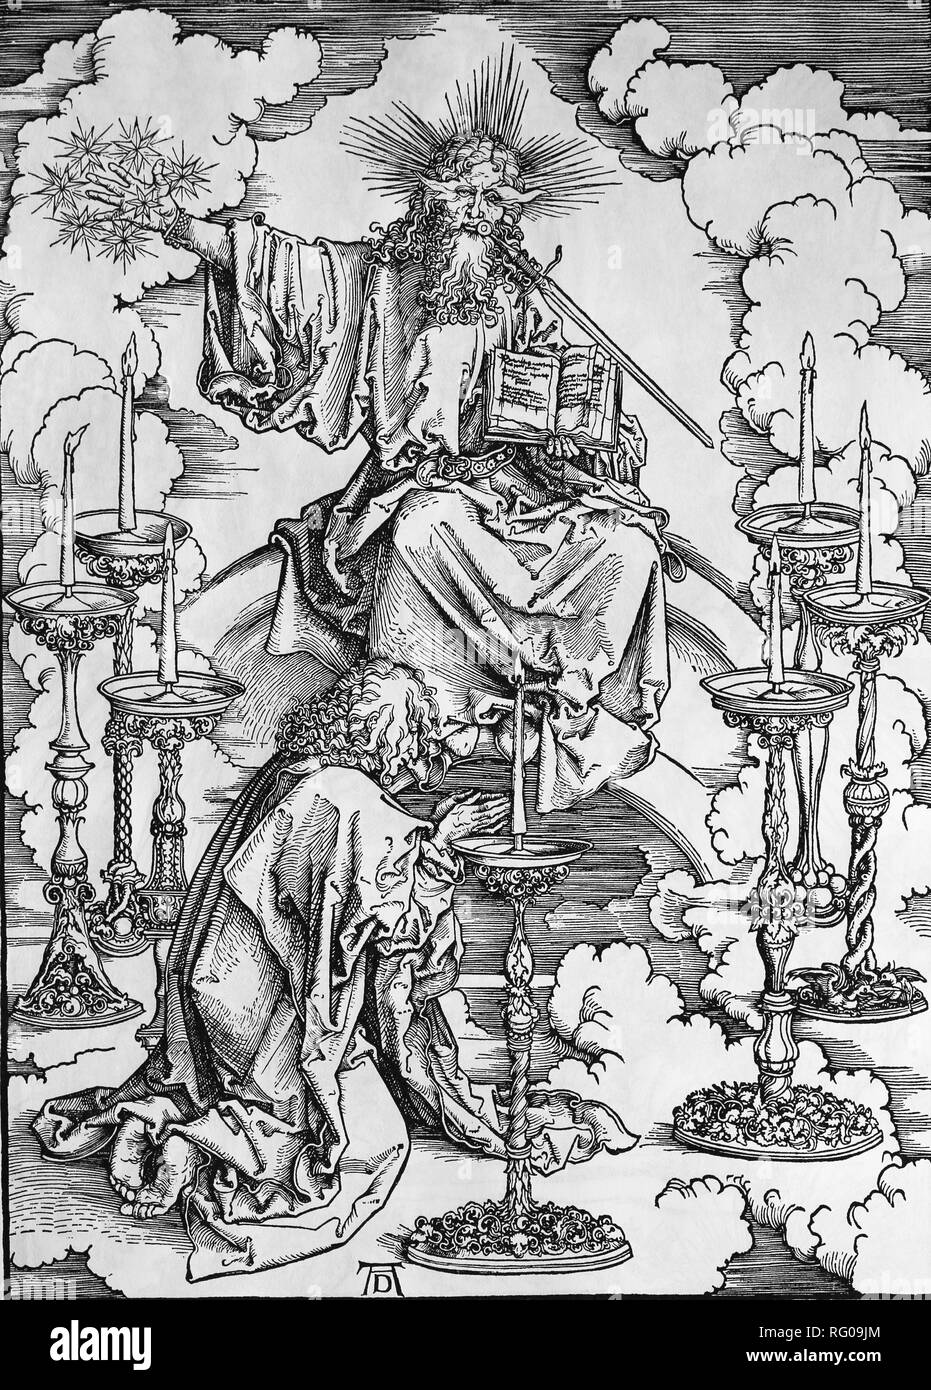 St. John Vision von Christus und die 7 Kerzenhalter. Apokalypse. Holzschnitt von Albrecht Dürer. 1498 Stockbild